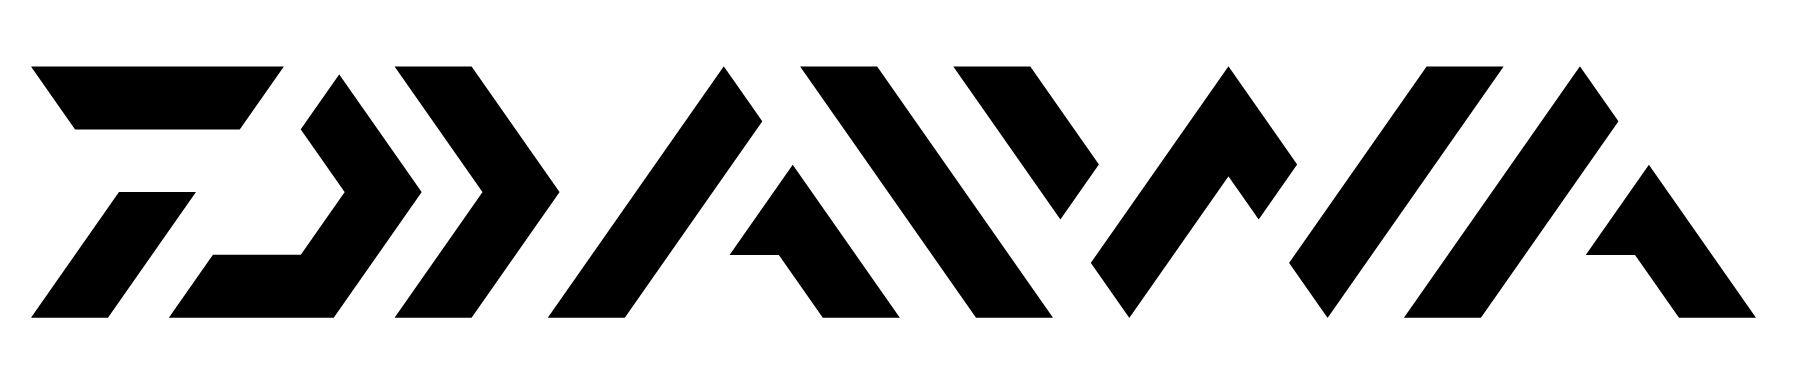 In my opinion the premier manufacturer of fishing reels is Daiwa   Desain logo, Desain, Seni